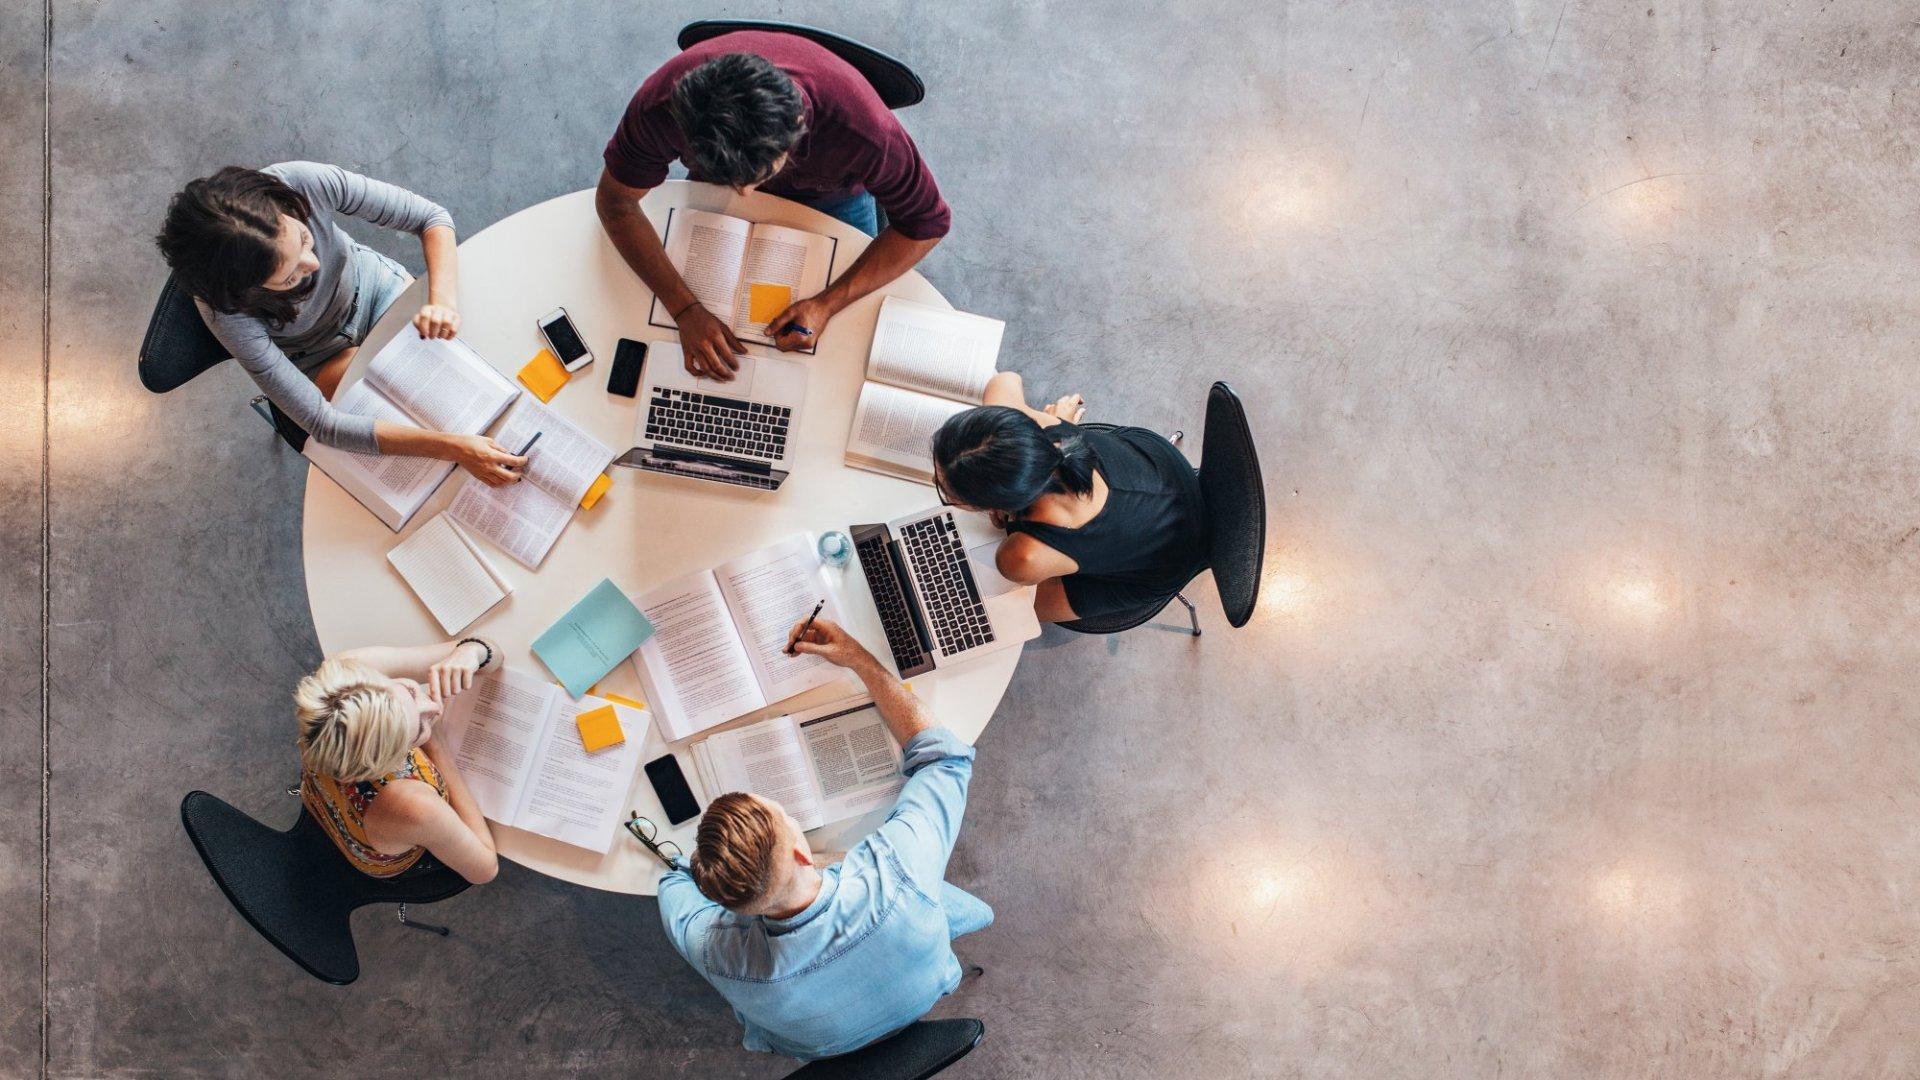 Doers-CorporateCulture